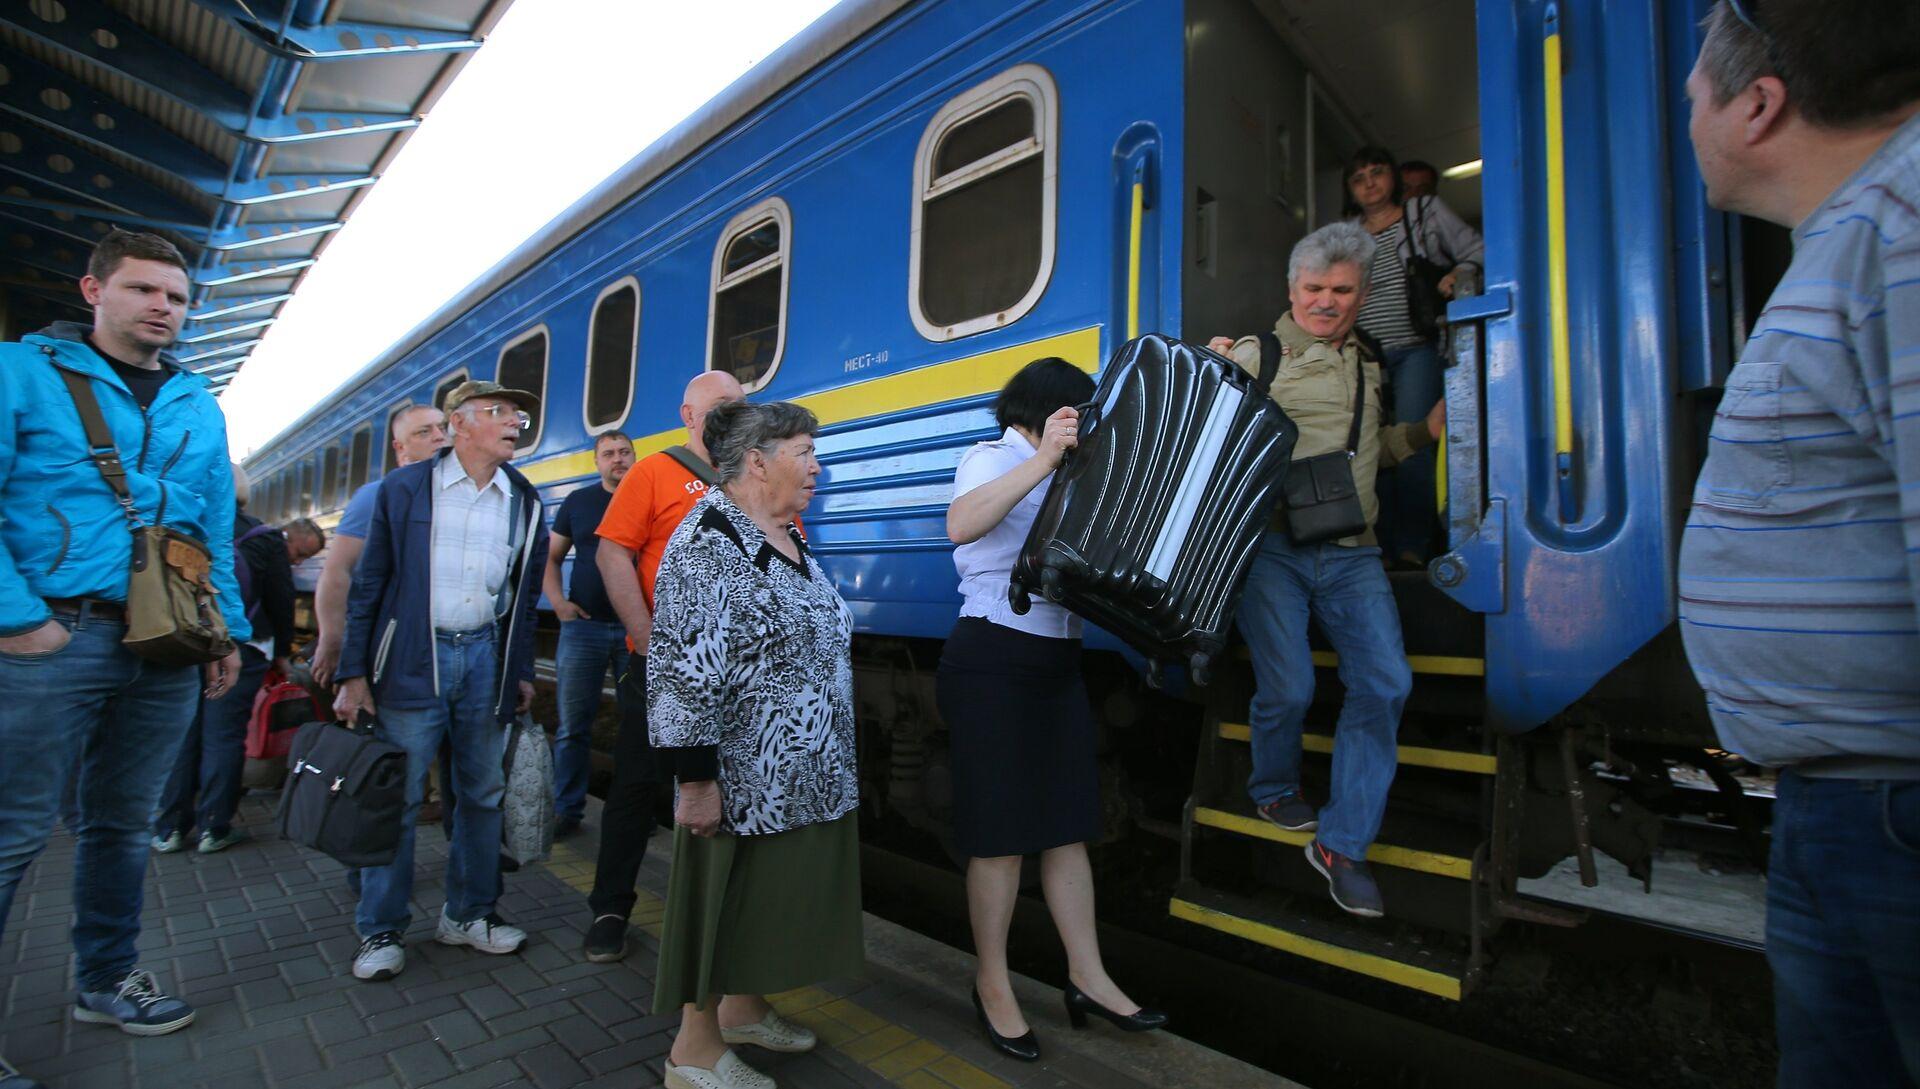 Пассажиры поезда в Киеве. Архивное фото - РИА Новости, 1920, 05.02.2021